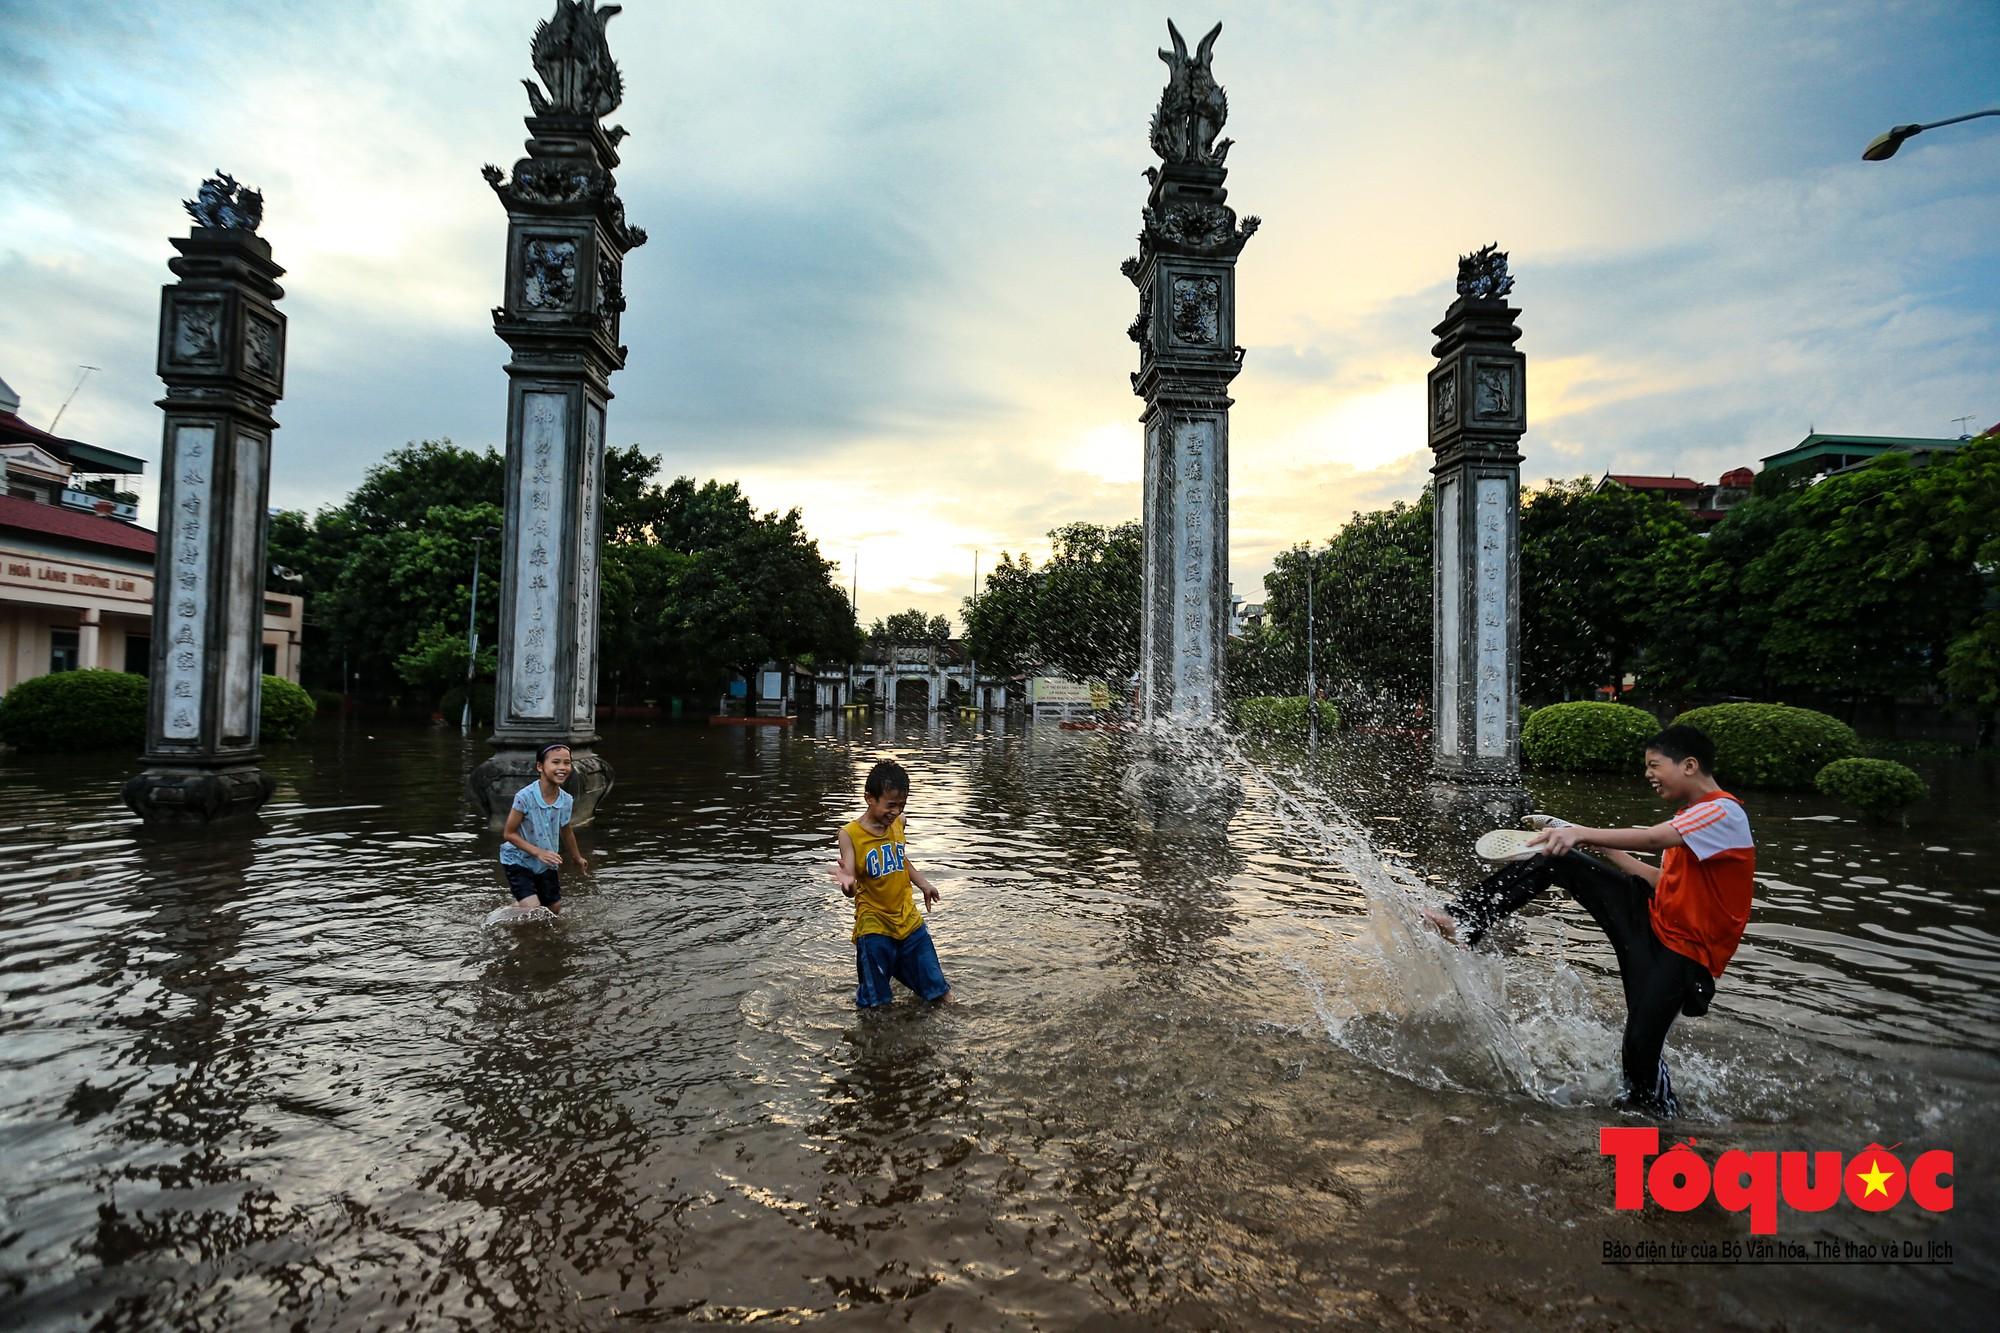 Người dân thủ đô thích thú với công viên nước bất đắc dĩ trong sân đình25